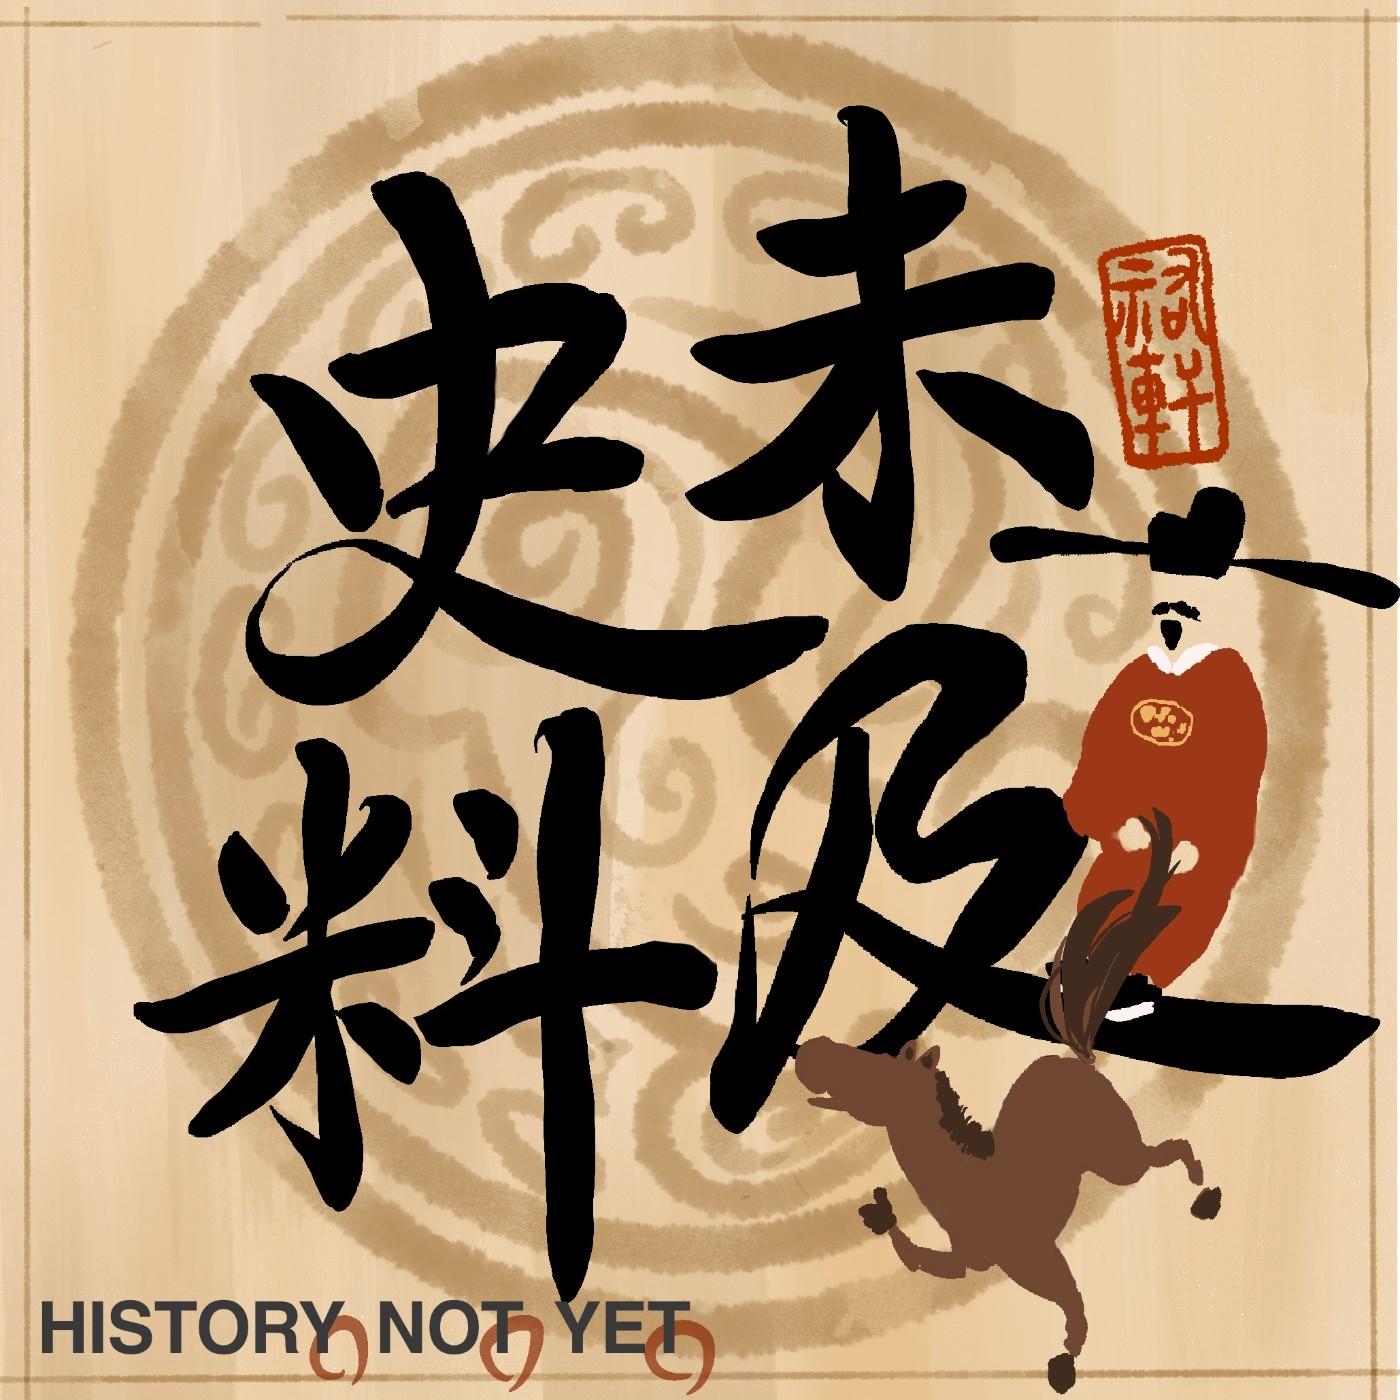 歷史十分鐘 13:疫苗的歷史|牛痘、人痘、與法老王的痘(上)